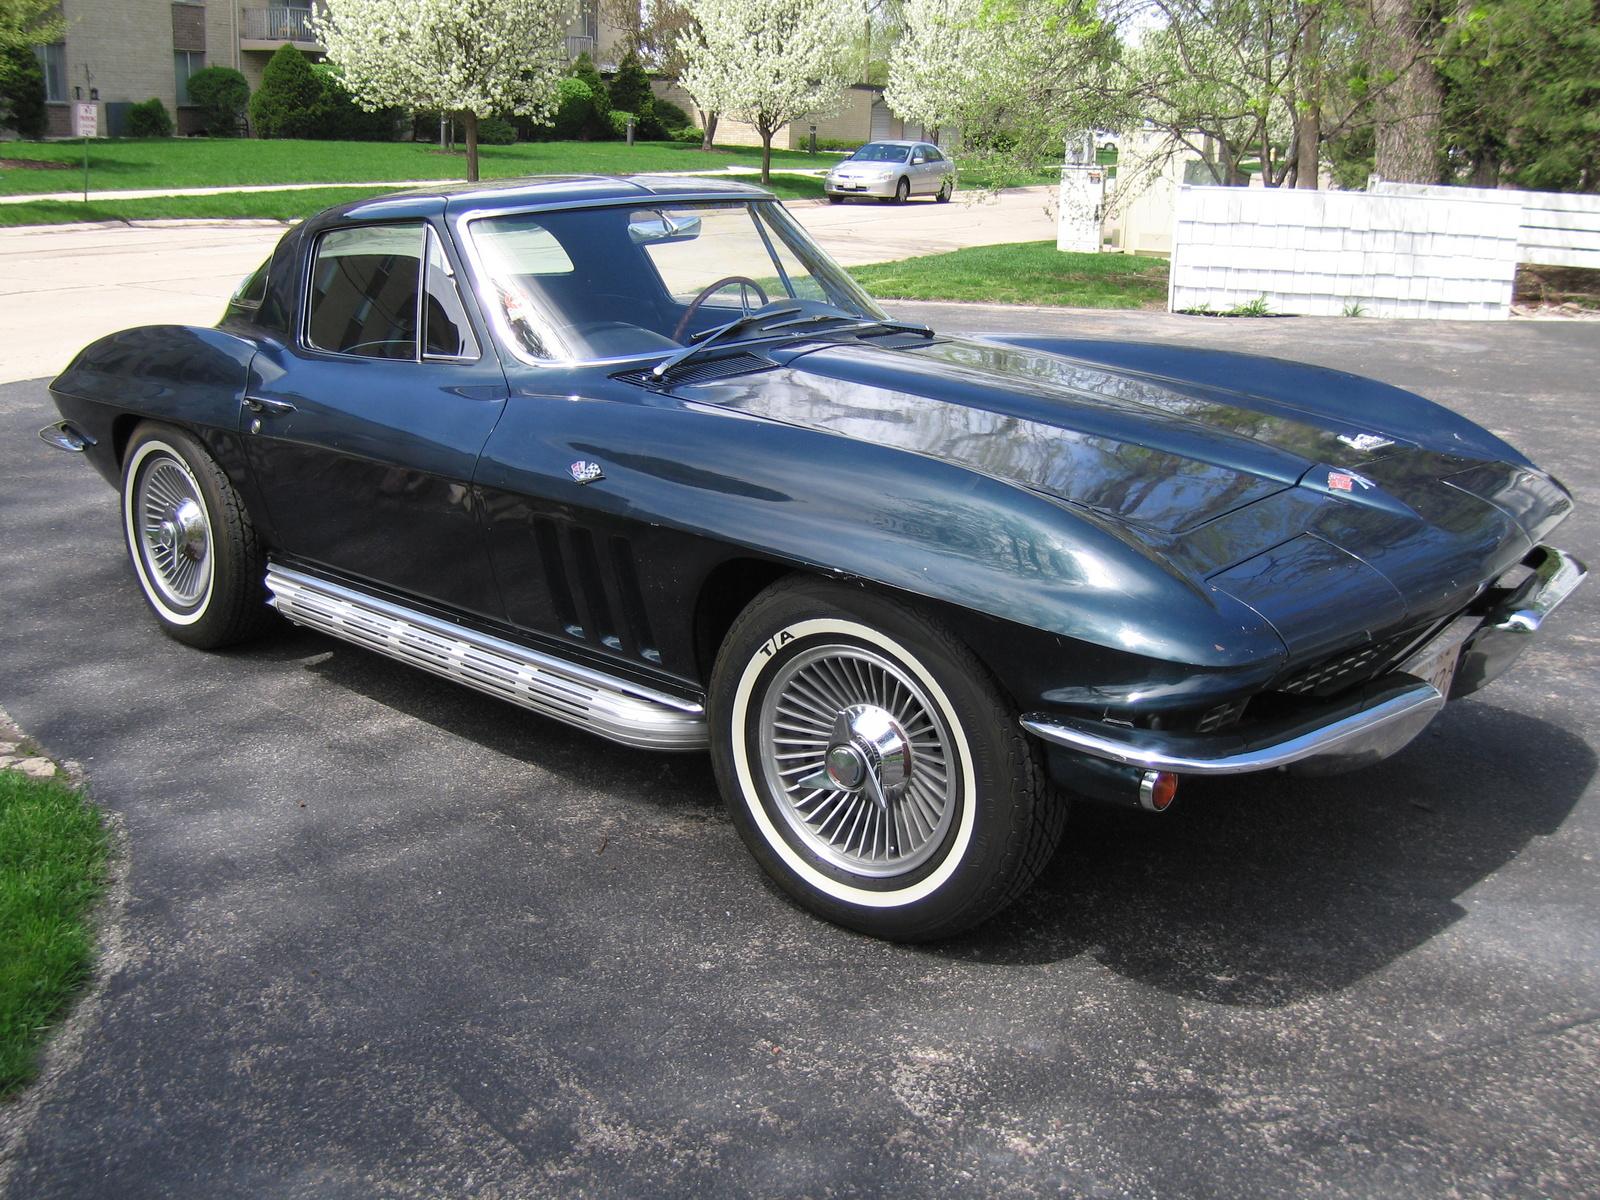 1966 Chevrolet Corvette Exterior Pictures Cargurus